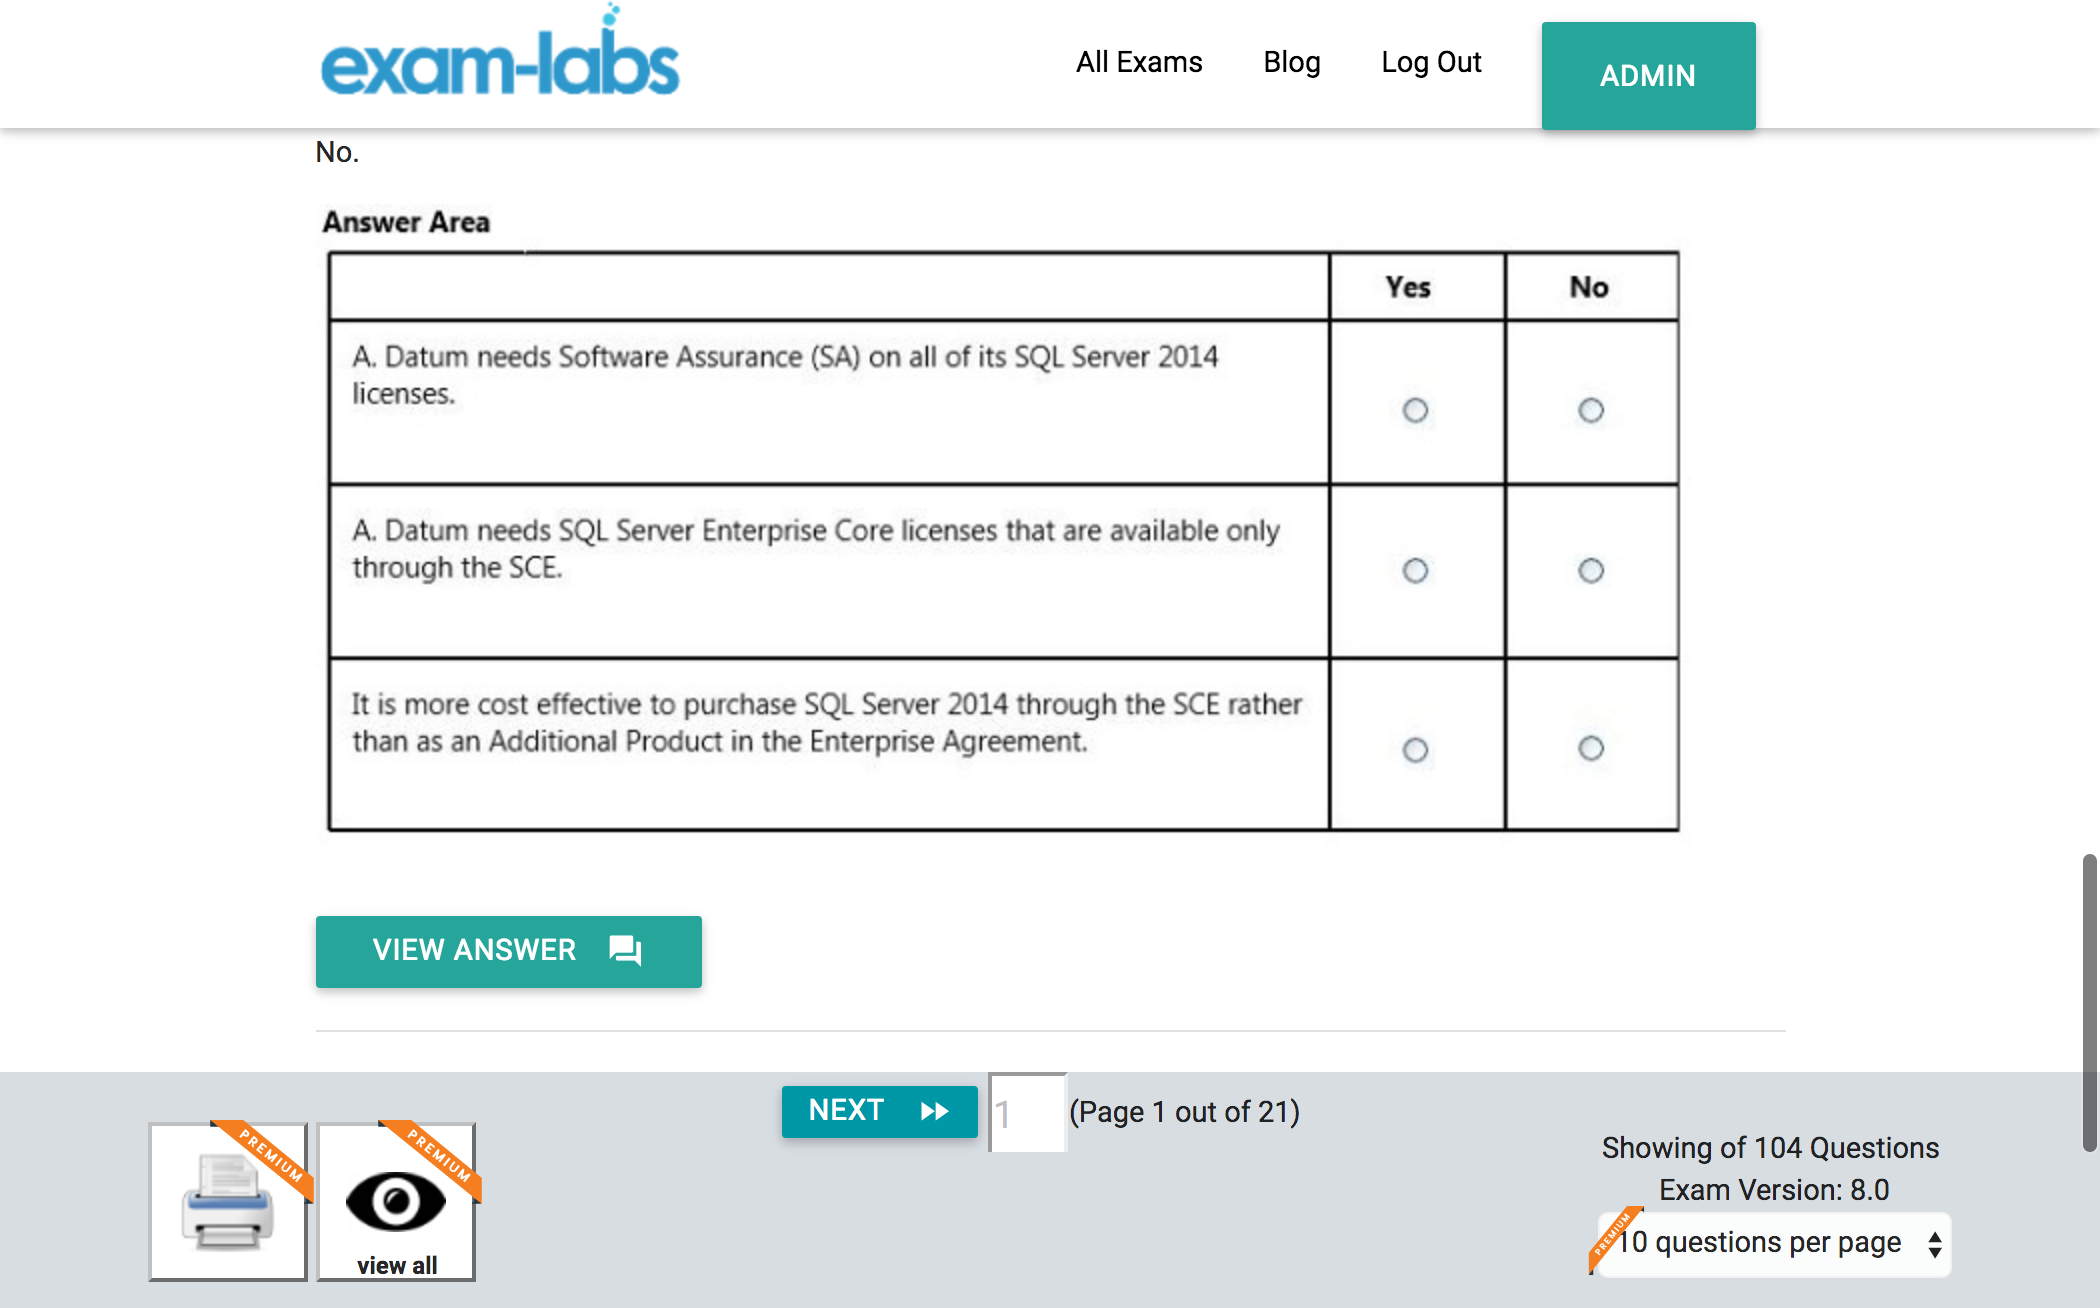 74 678 Microsoft Practice Exam Questions 100 Free Exam Labs